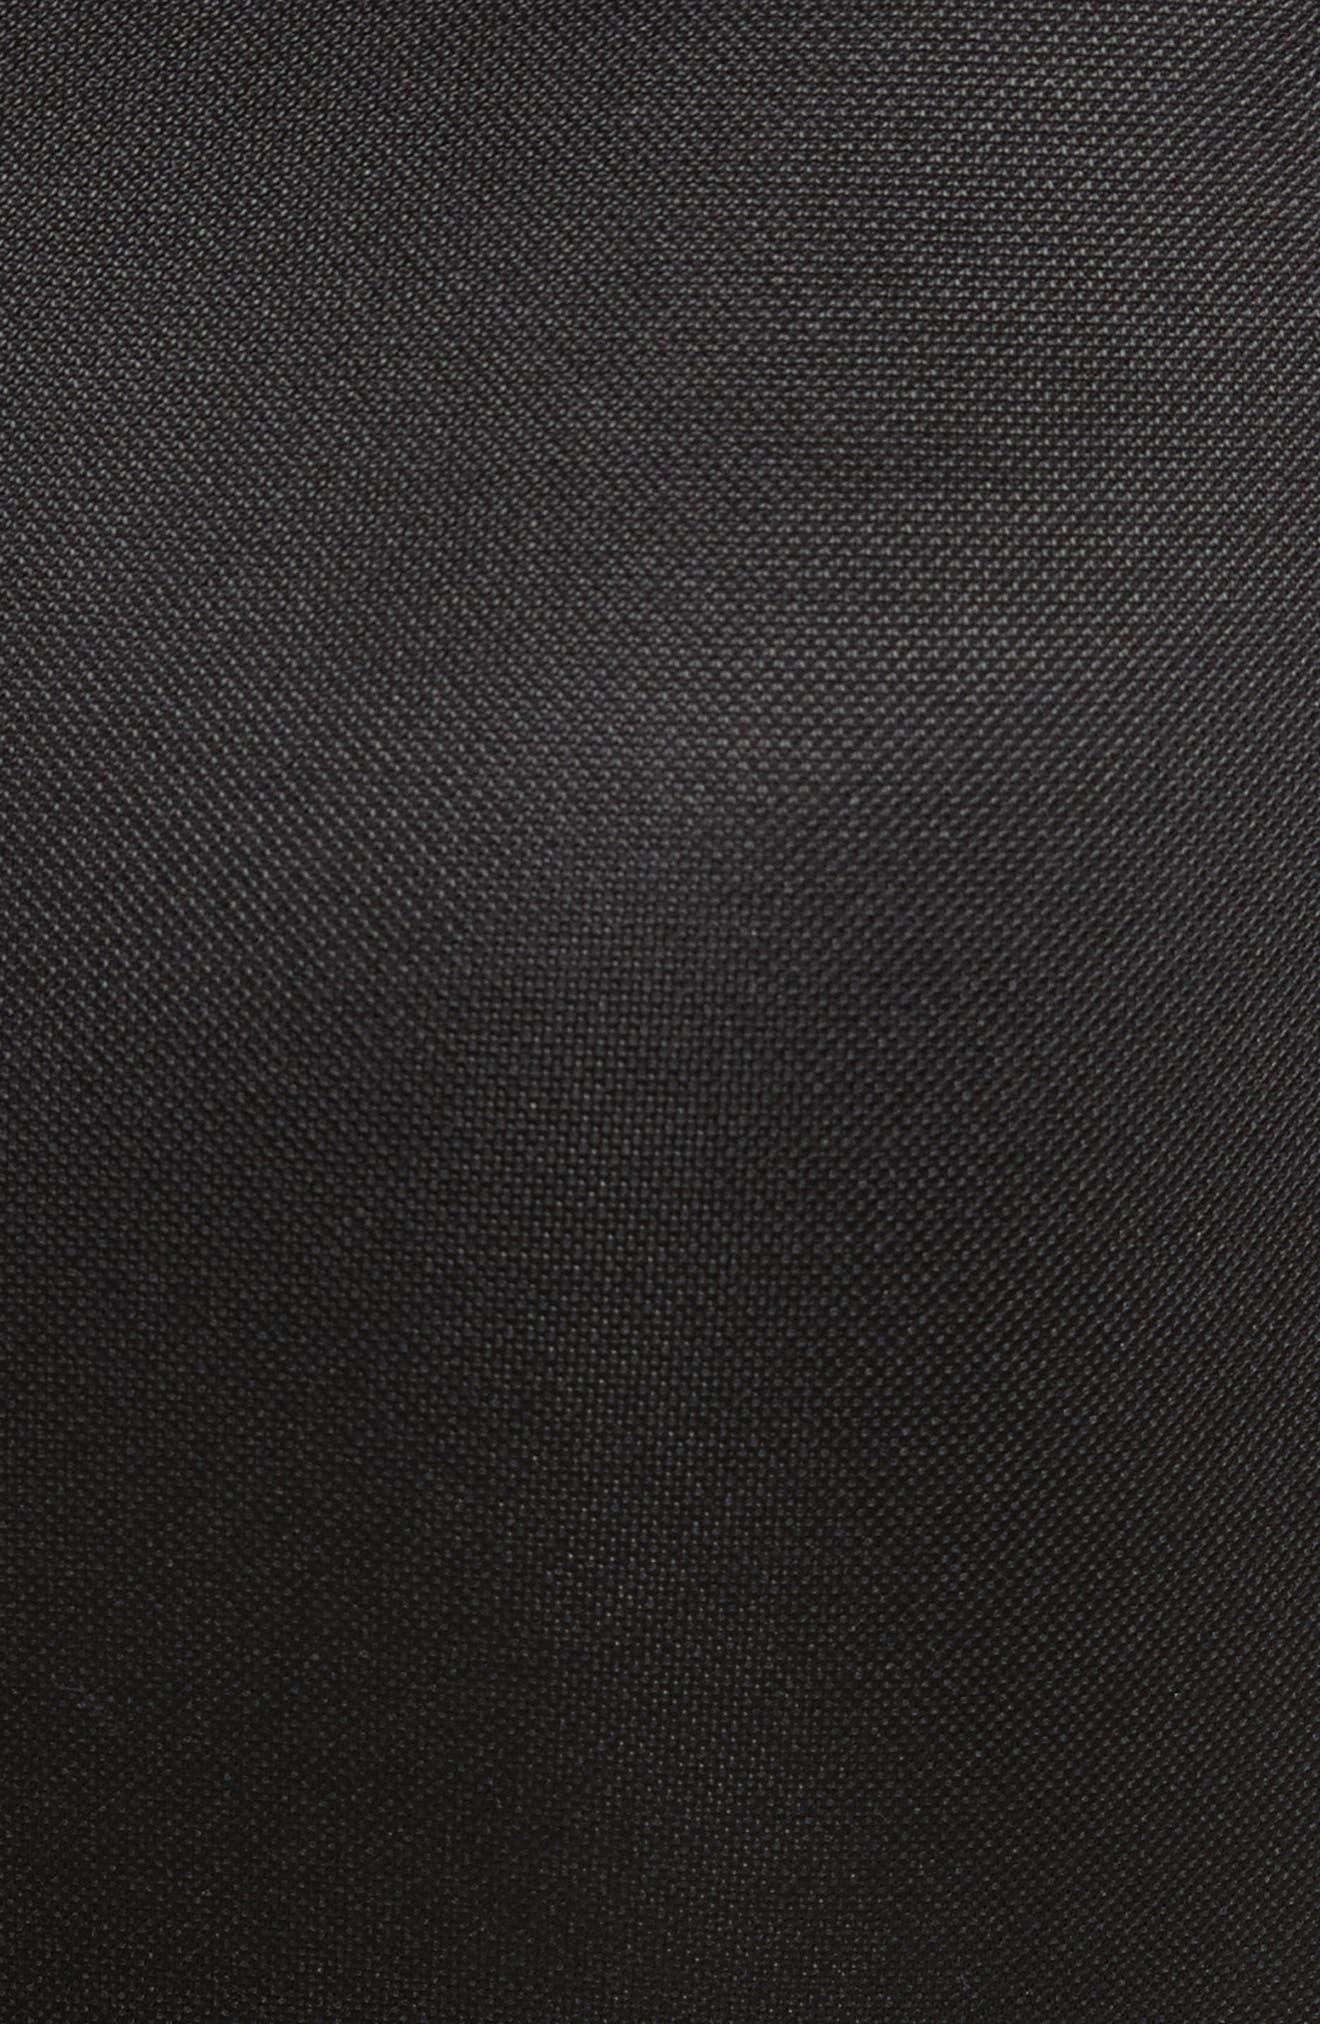 Ruched Piqué Sheath Dress,                             Alternate thumbnail 5, color,                             001